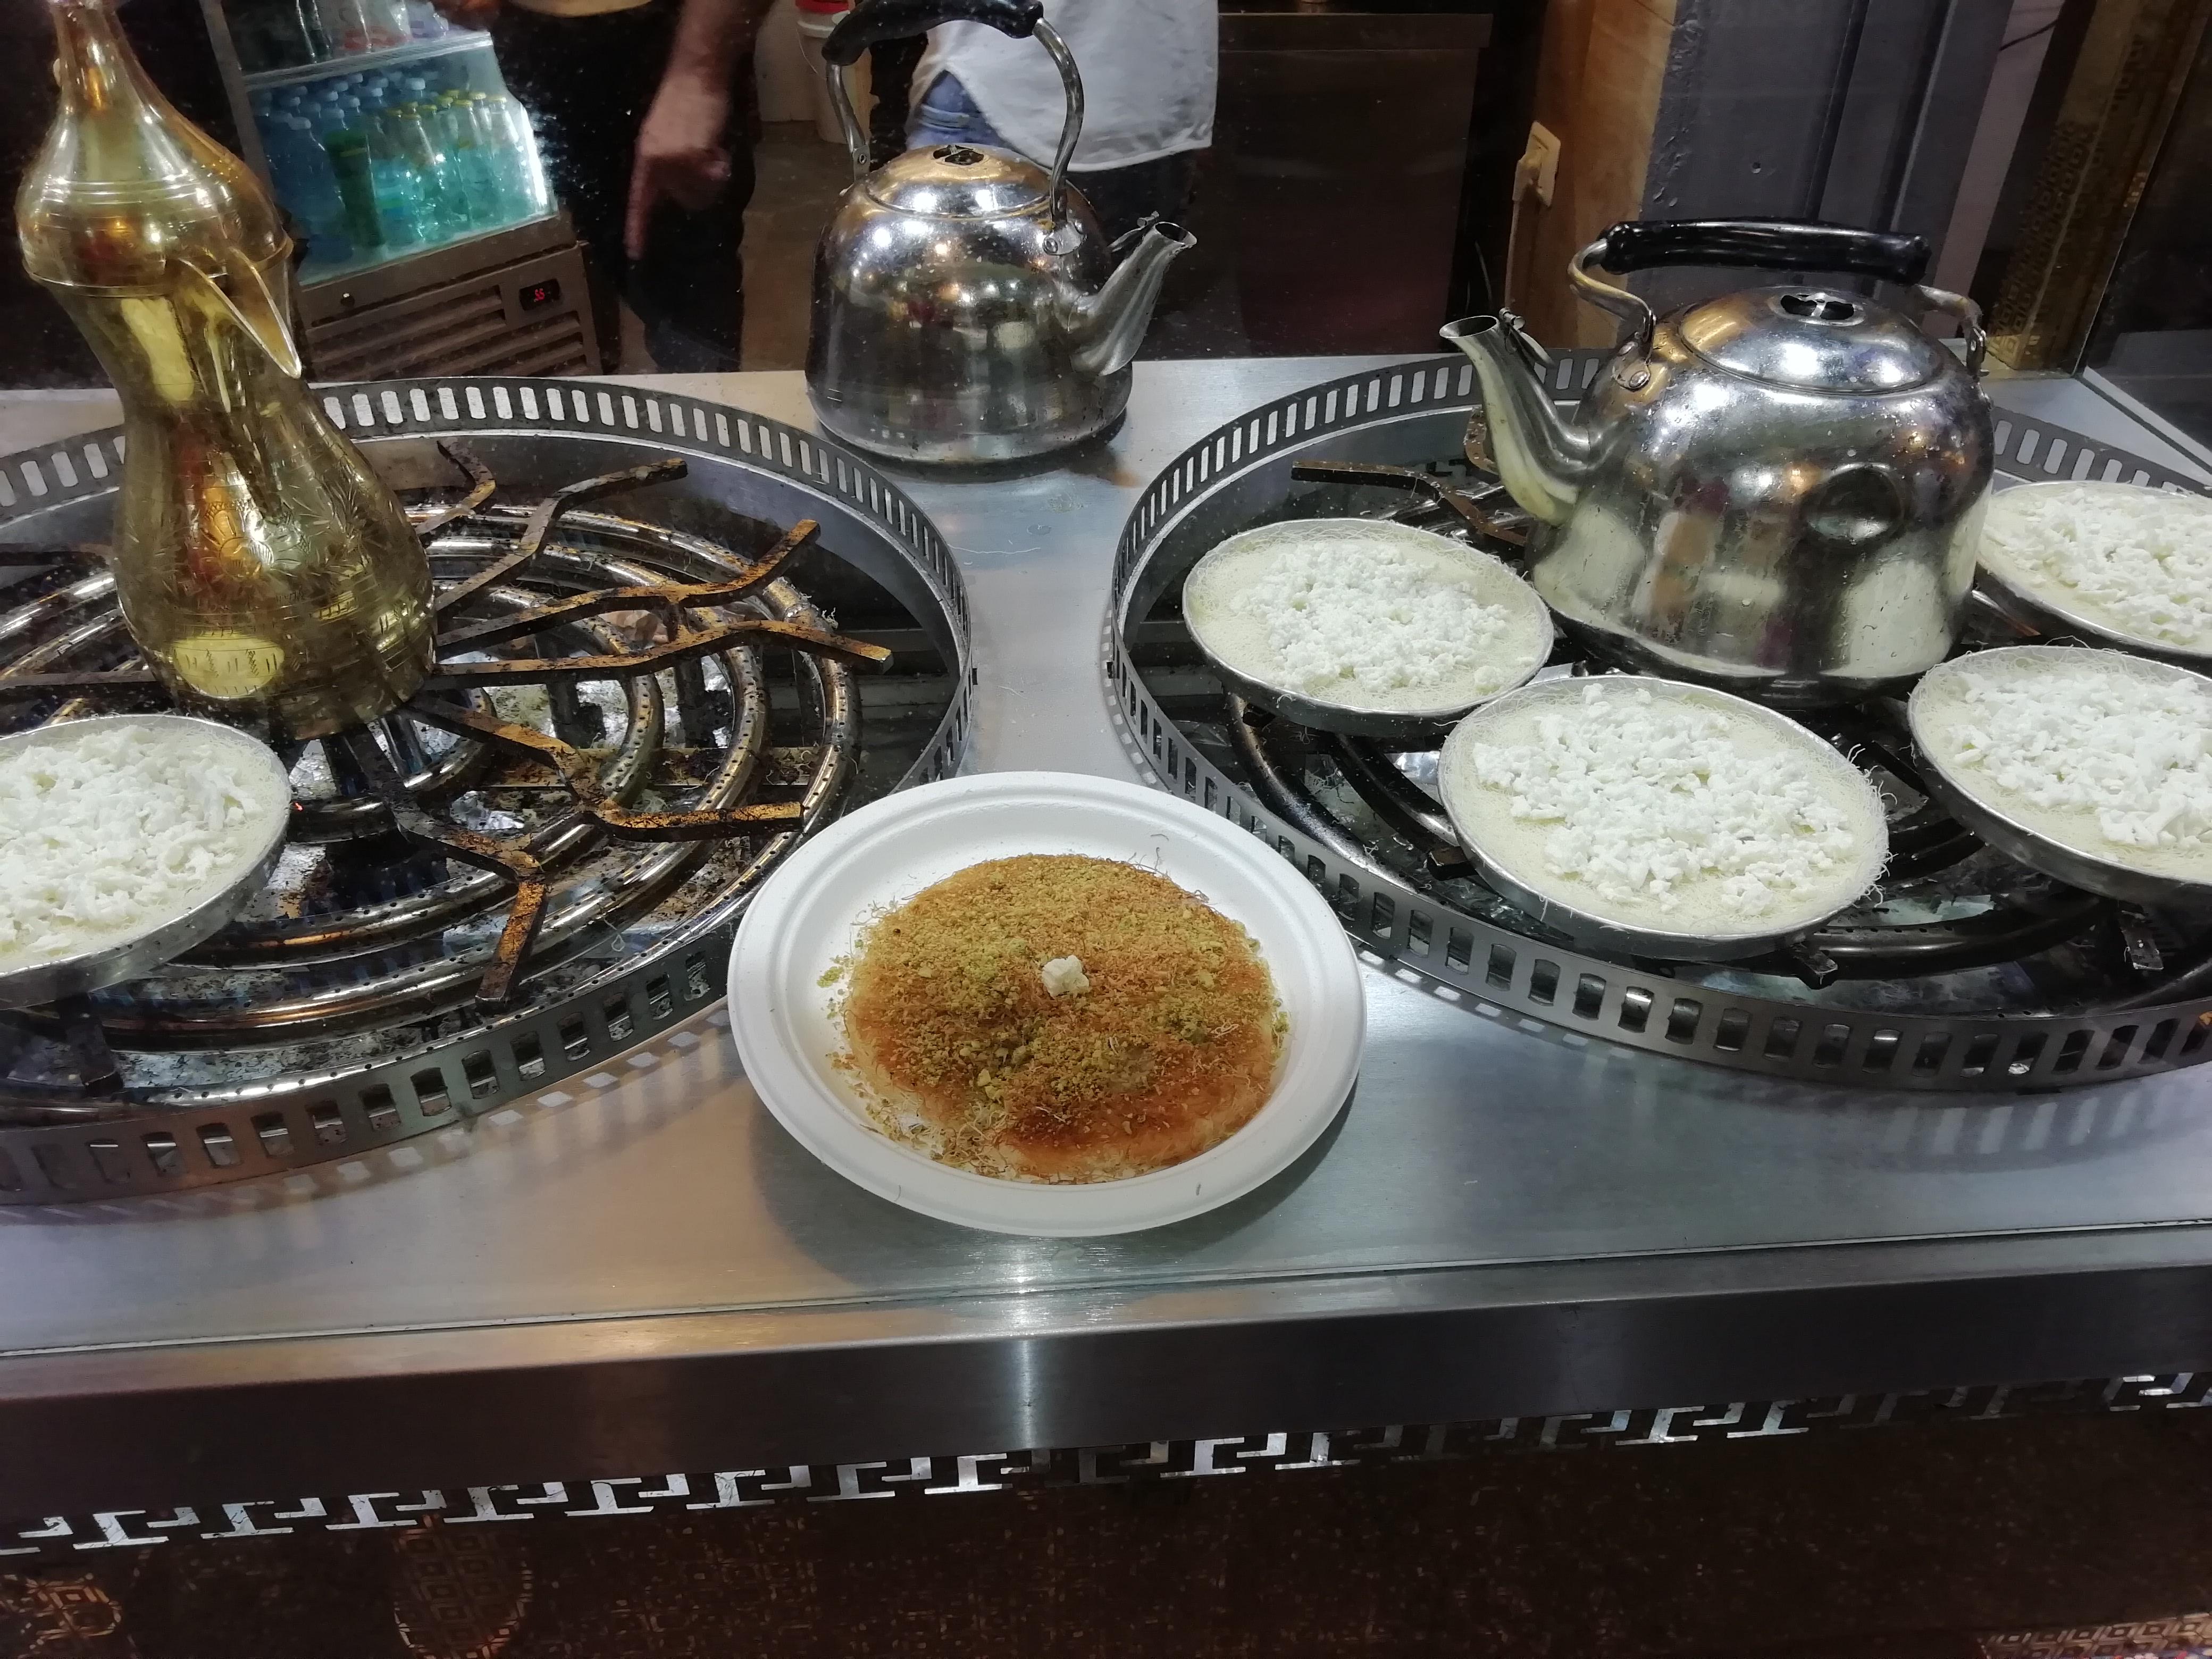 A Közel-Kelet desszertje - Kanafeh